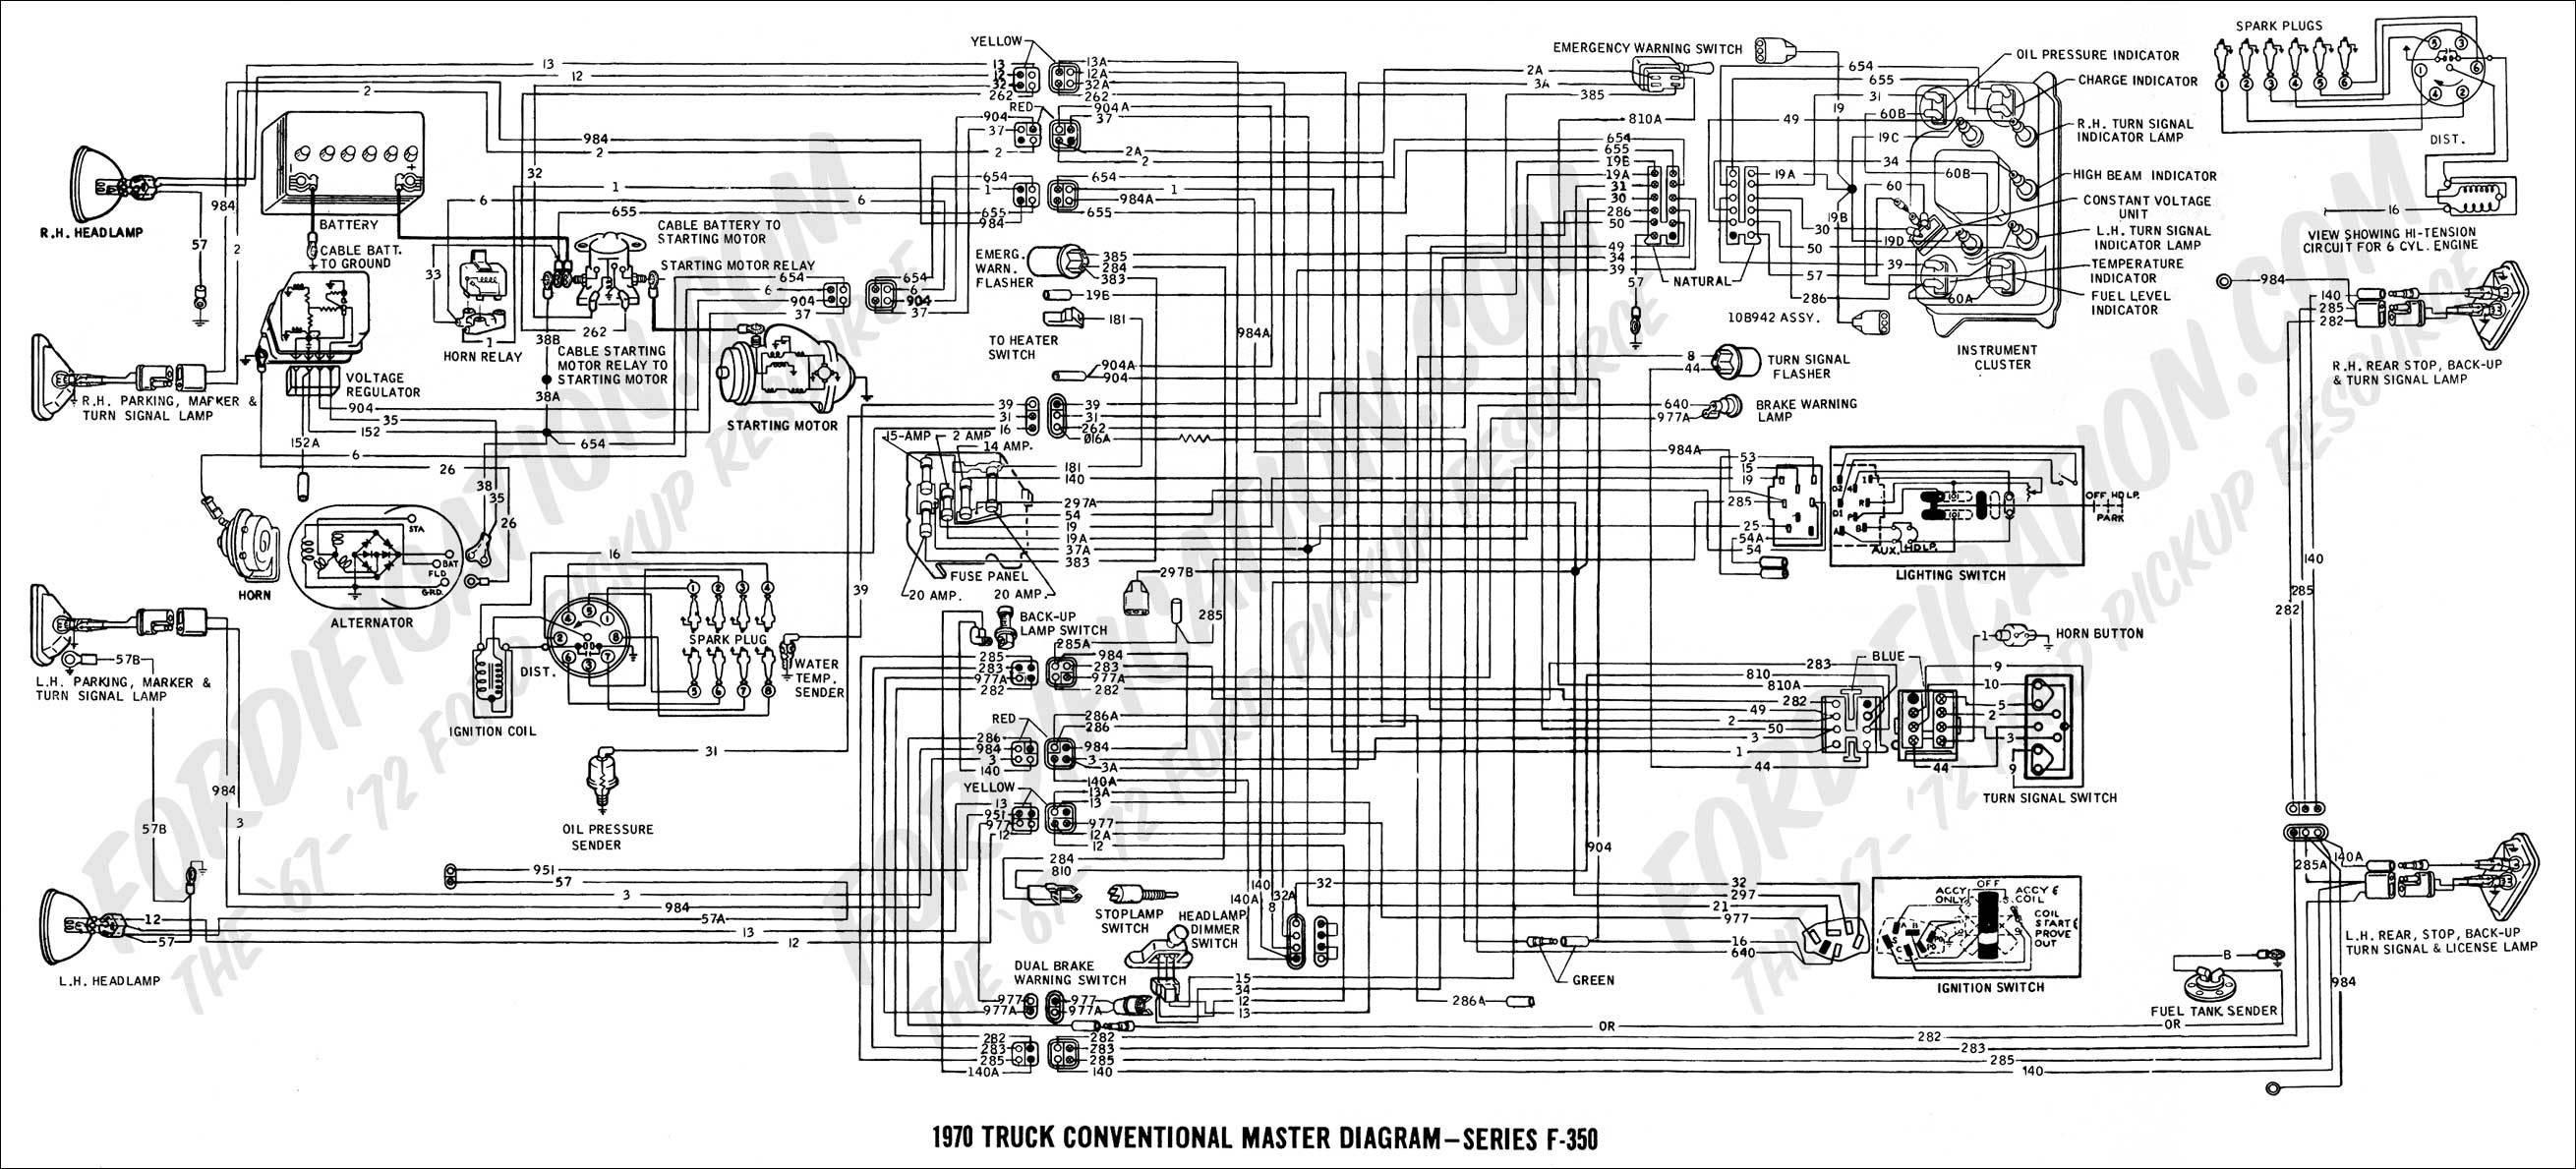 2010 ford F150 Wiring Diagram Bucket 2002 F350 Superduty Electrical Wiring Diagrams Wiring Info • Of 2010 ford F150 Wiring Diagram